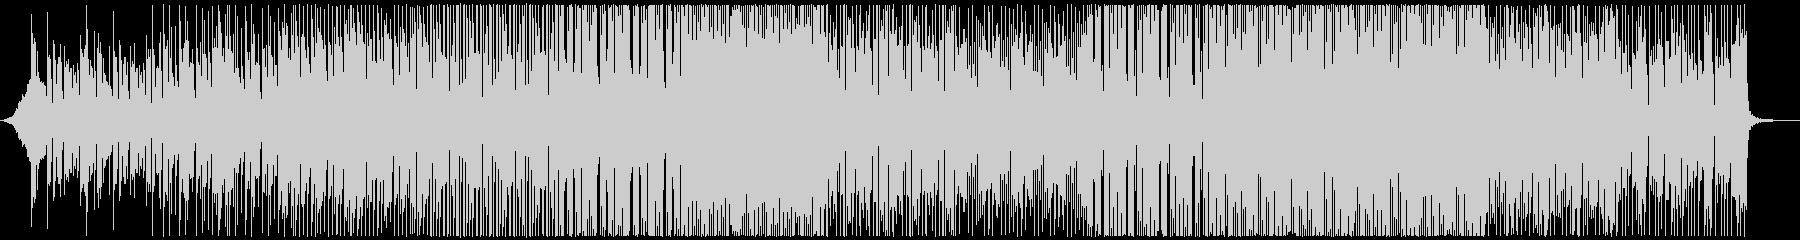 ■シンセEDM-midテンポ-GoProの未再生の波形